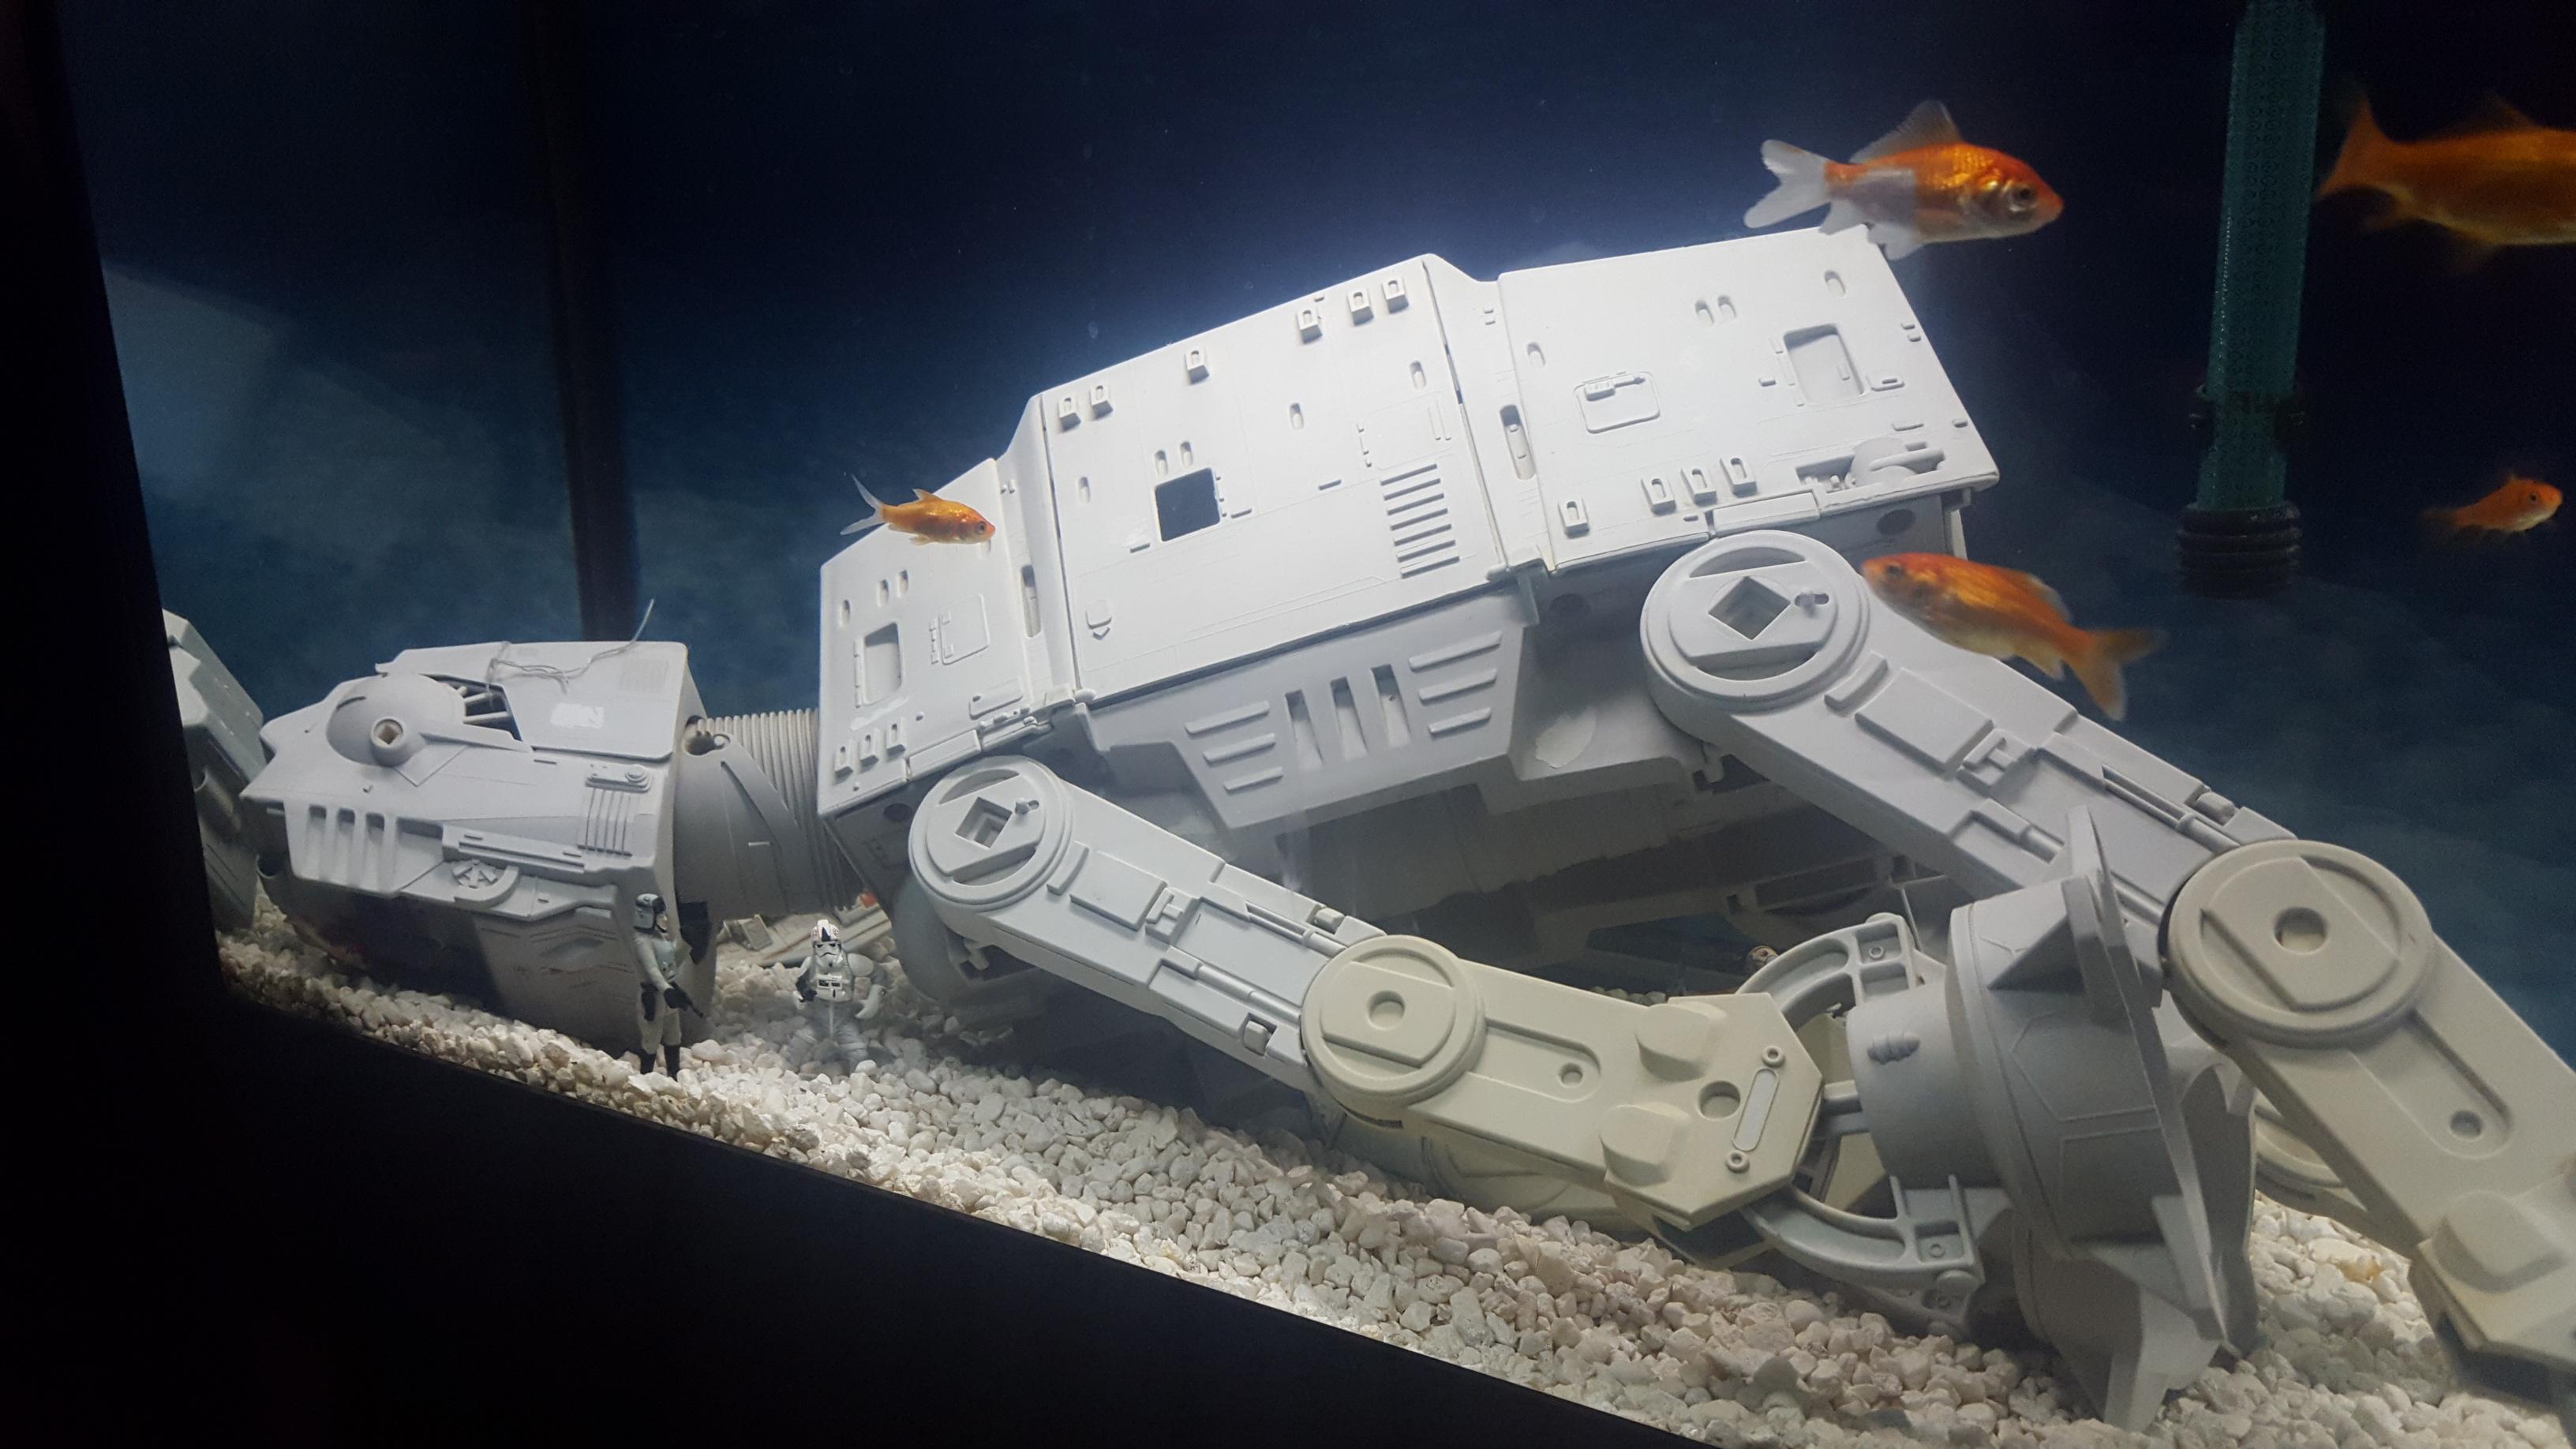 The ultimate star wars fish tank stack jb hi fi for Star wars fish tank decor